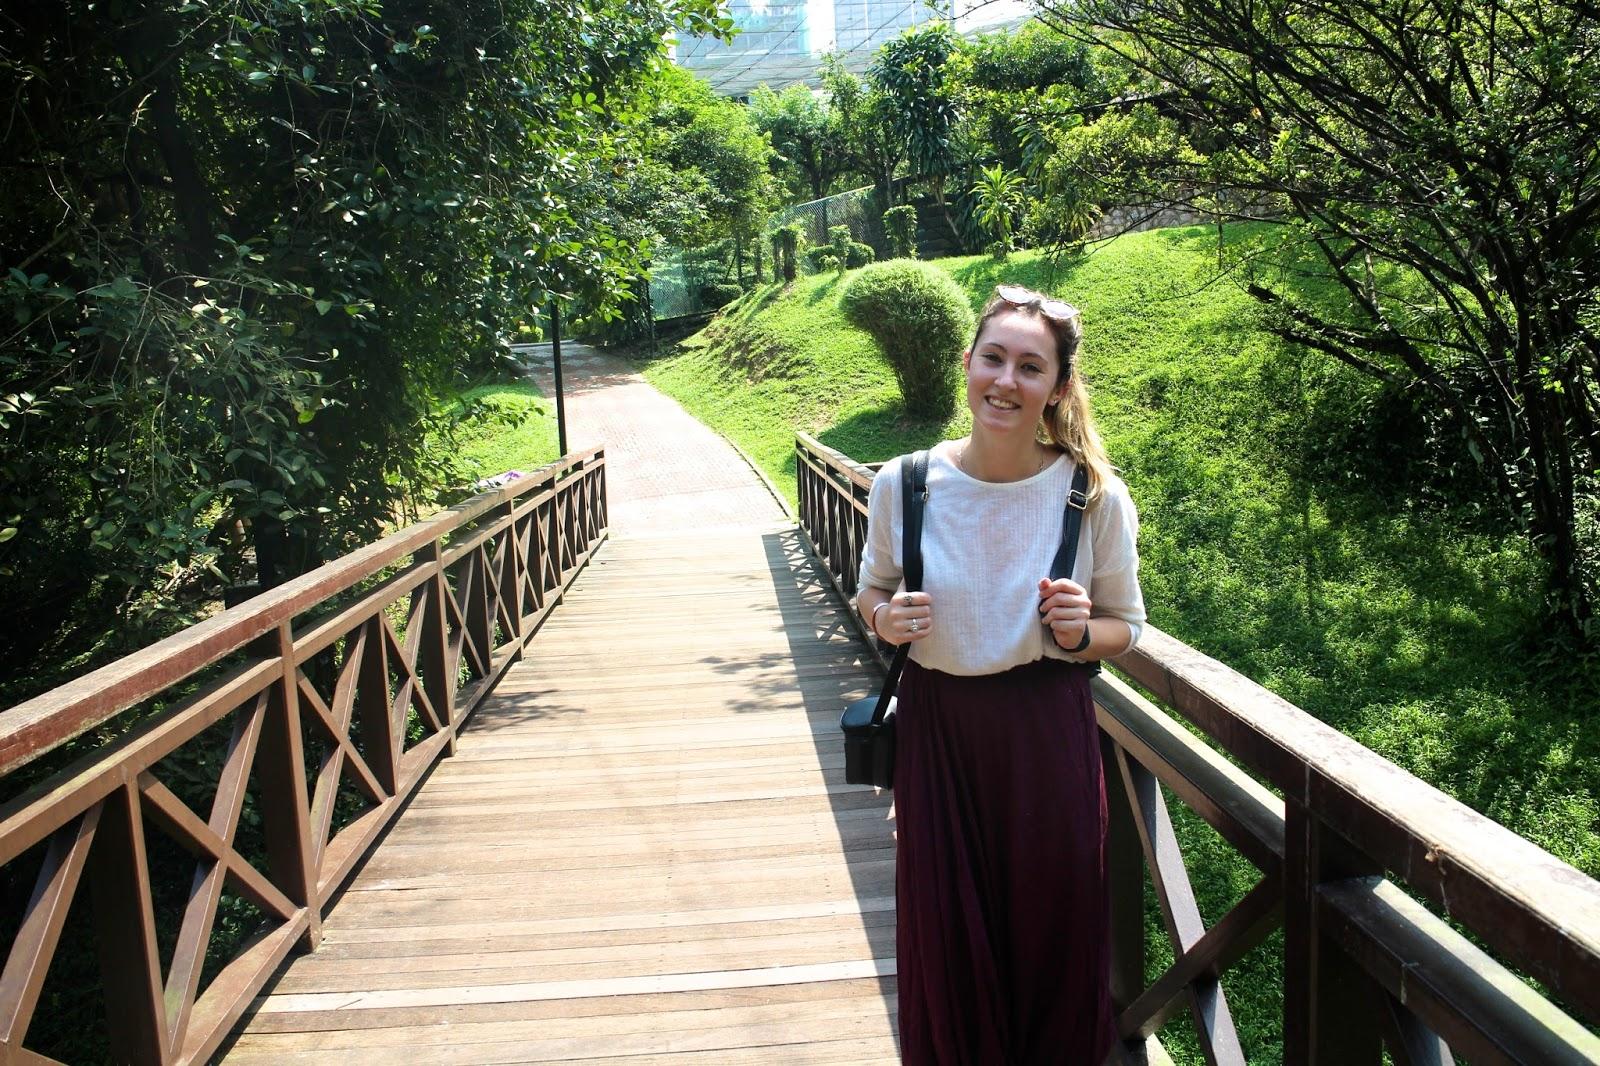 In the beautiful gardens in Kuala Lumpur